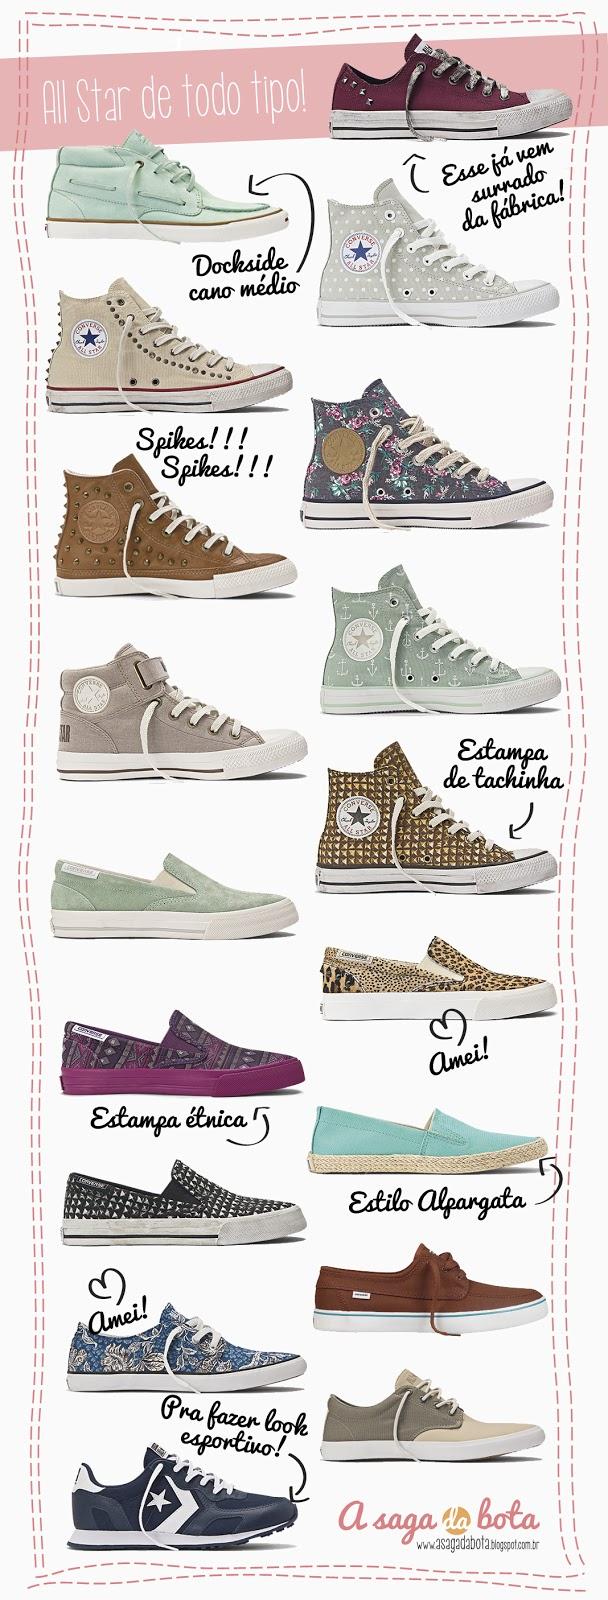 moda, fashion, couro, cano médio, tachinhas, estampado, liso, surrado, esportivo, tendência, ancora, dockside cano médio, cano curto, velcro, tênis, inspiração